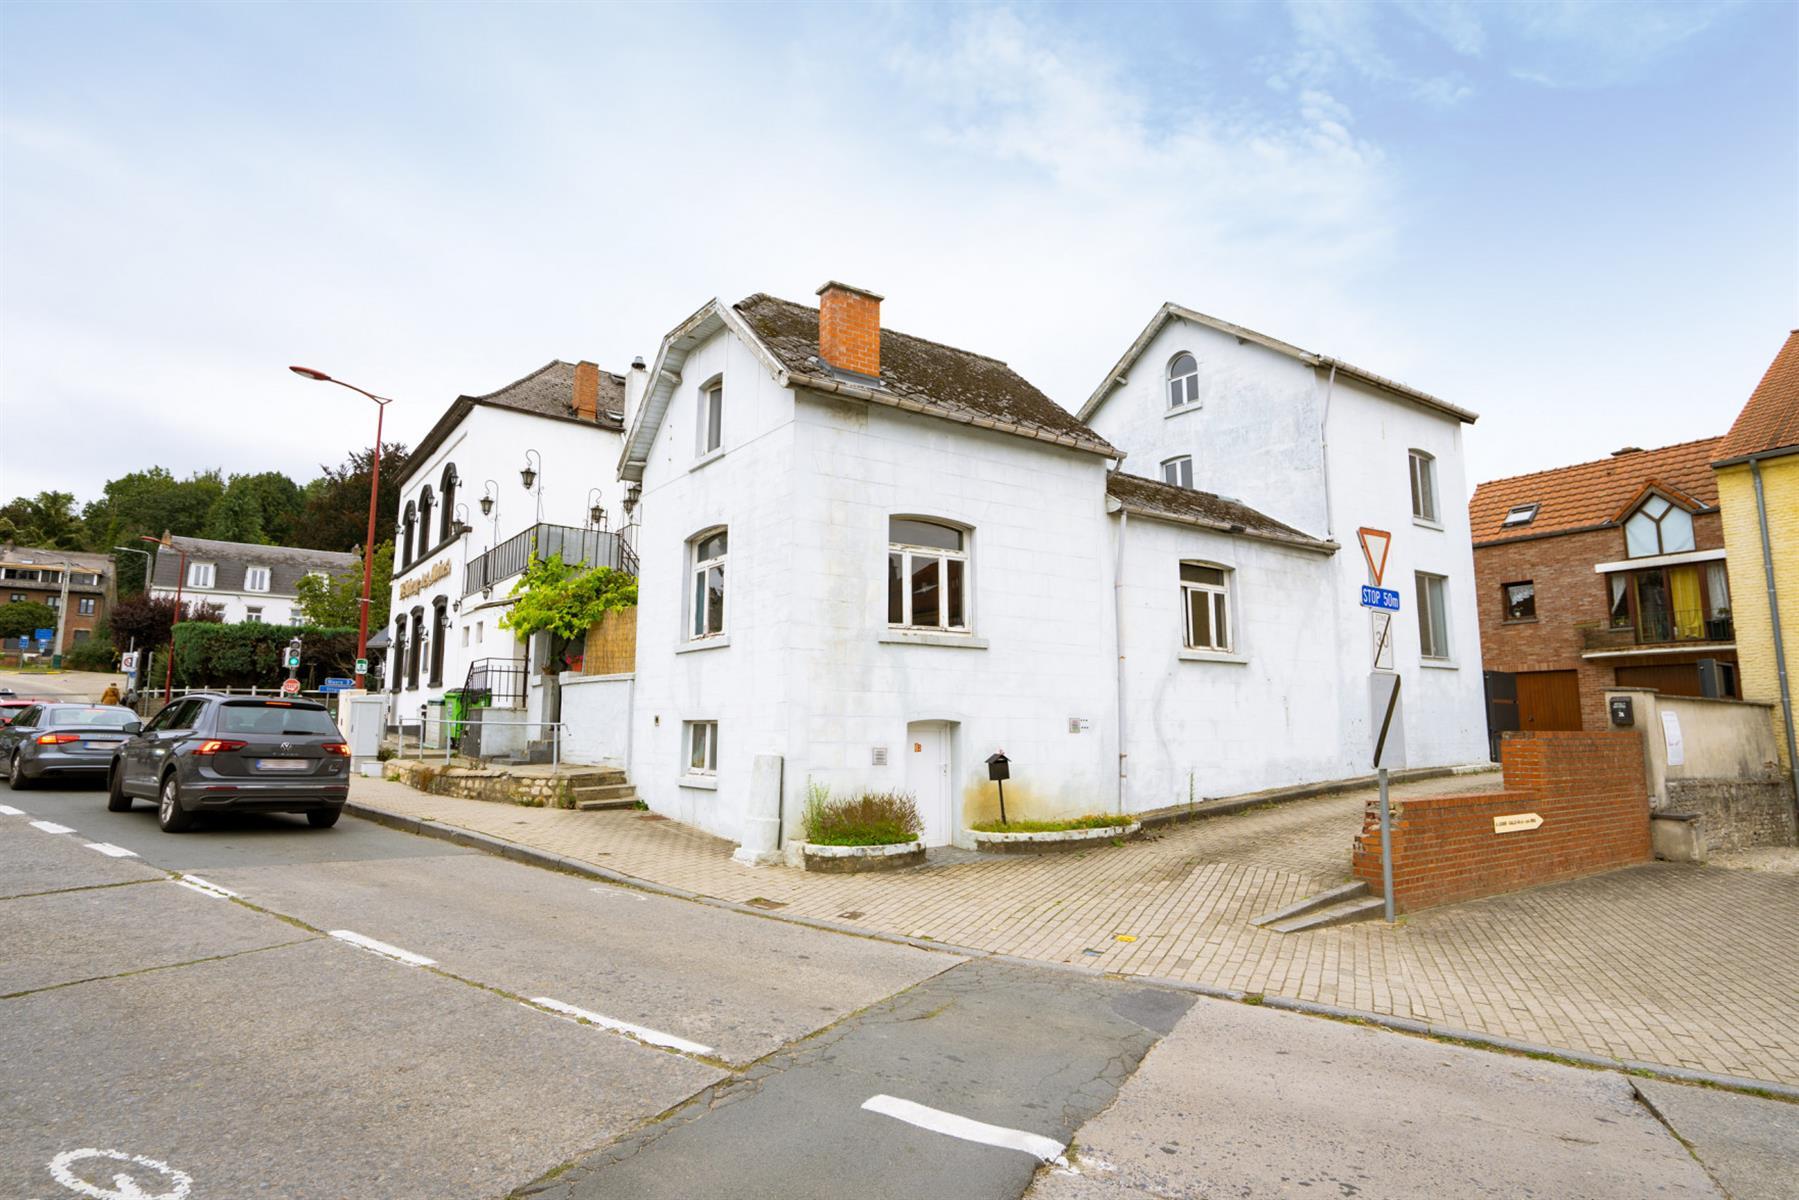 Maison - Ottignies - #4508432-1